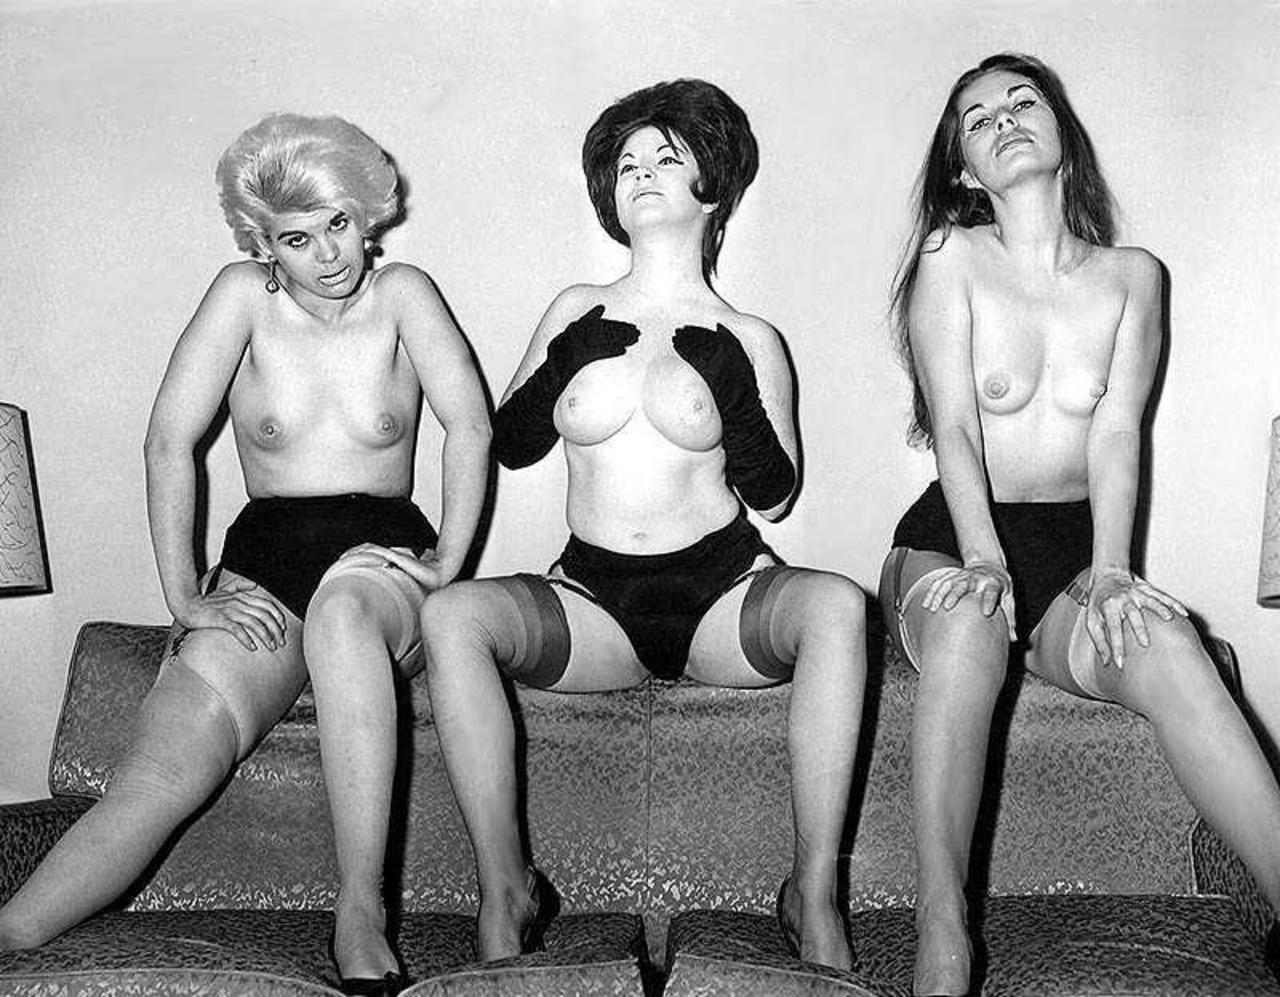 Эротика 70х ссср, Эротические фото 60-70х годов 7 фотография